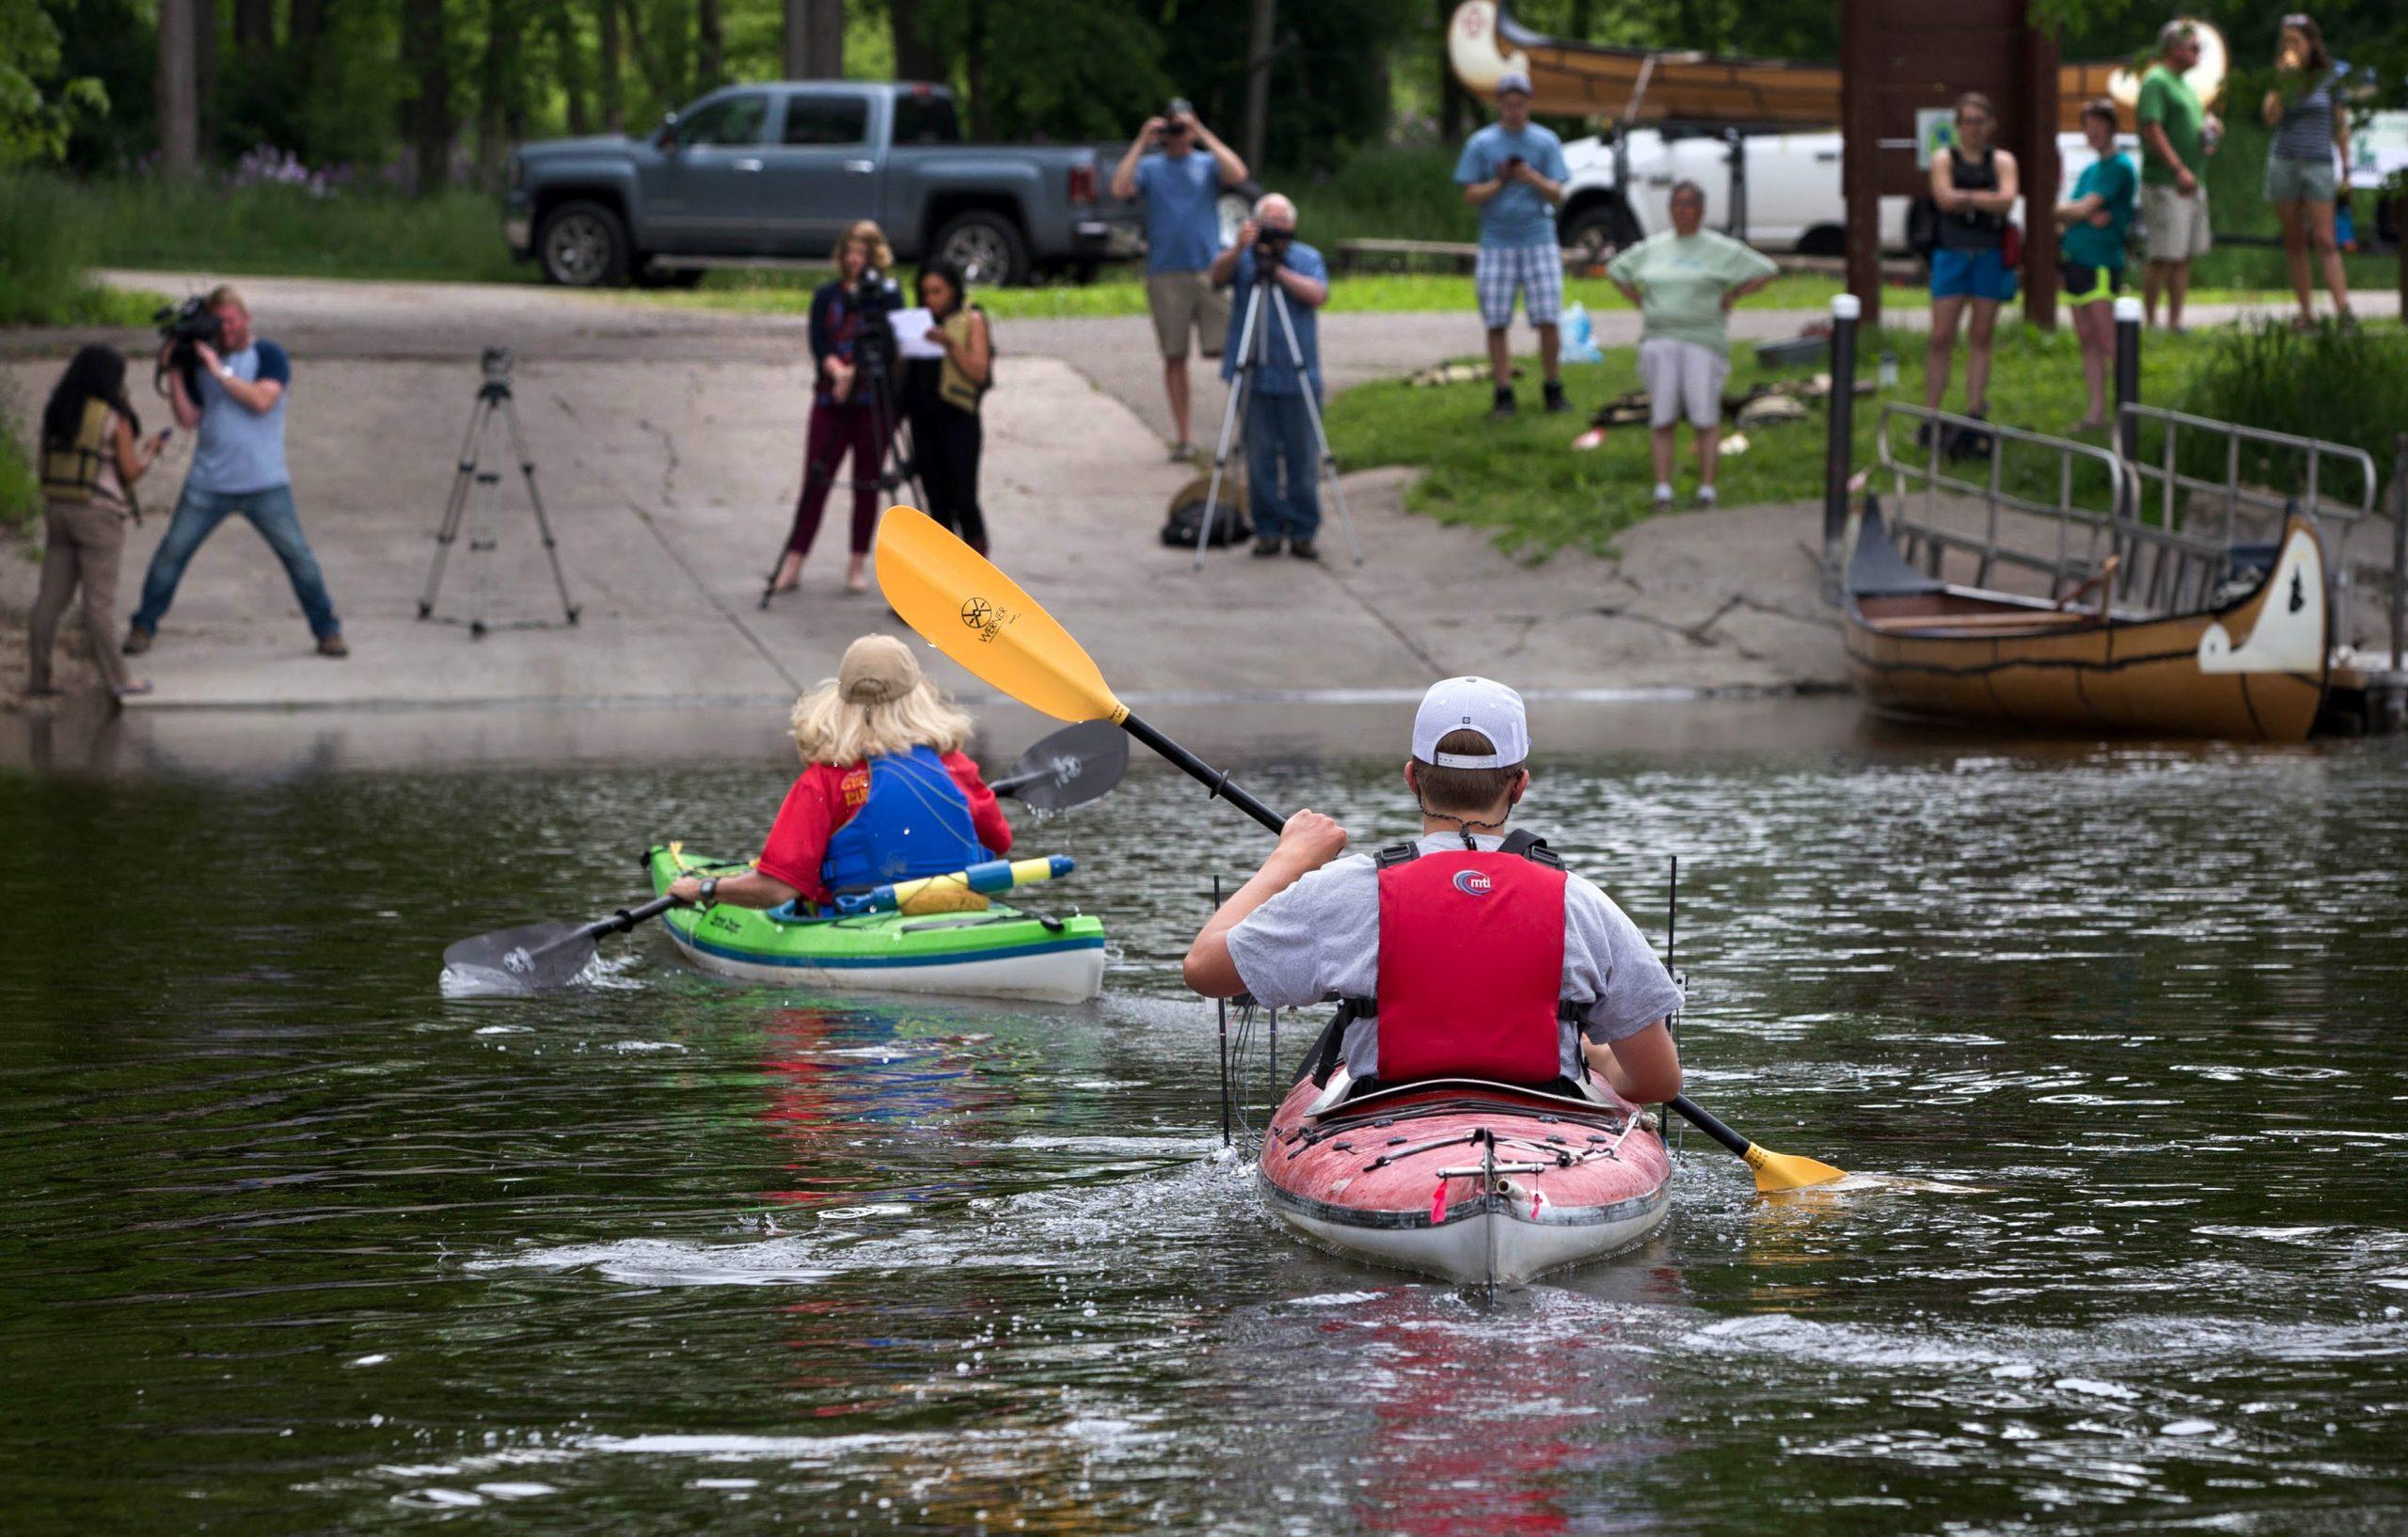 Paddle crew arriving in Janesville. Photo by Craig Schreiner